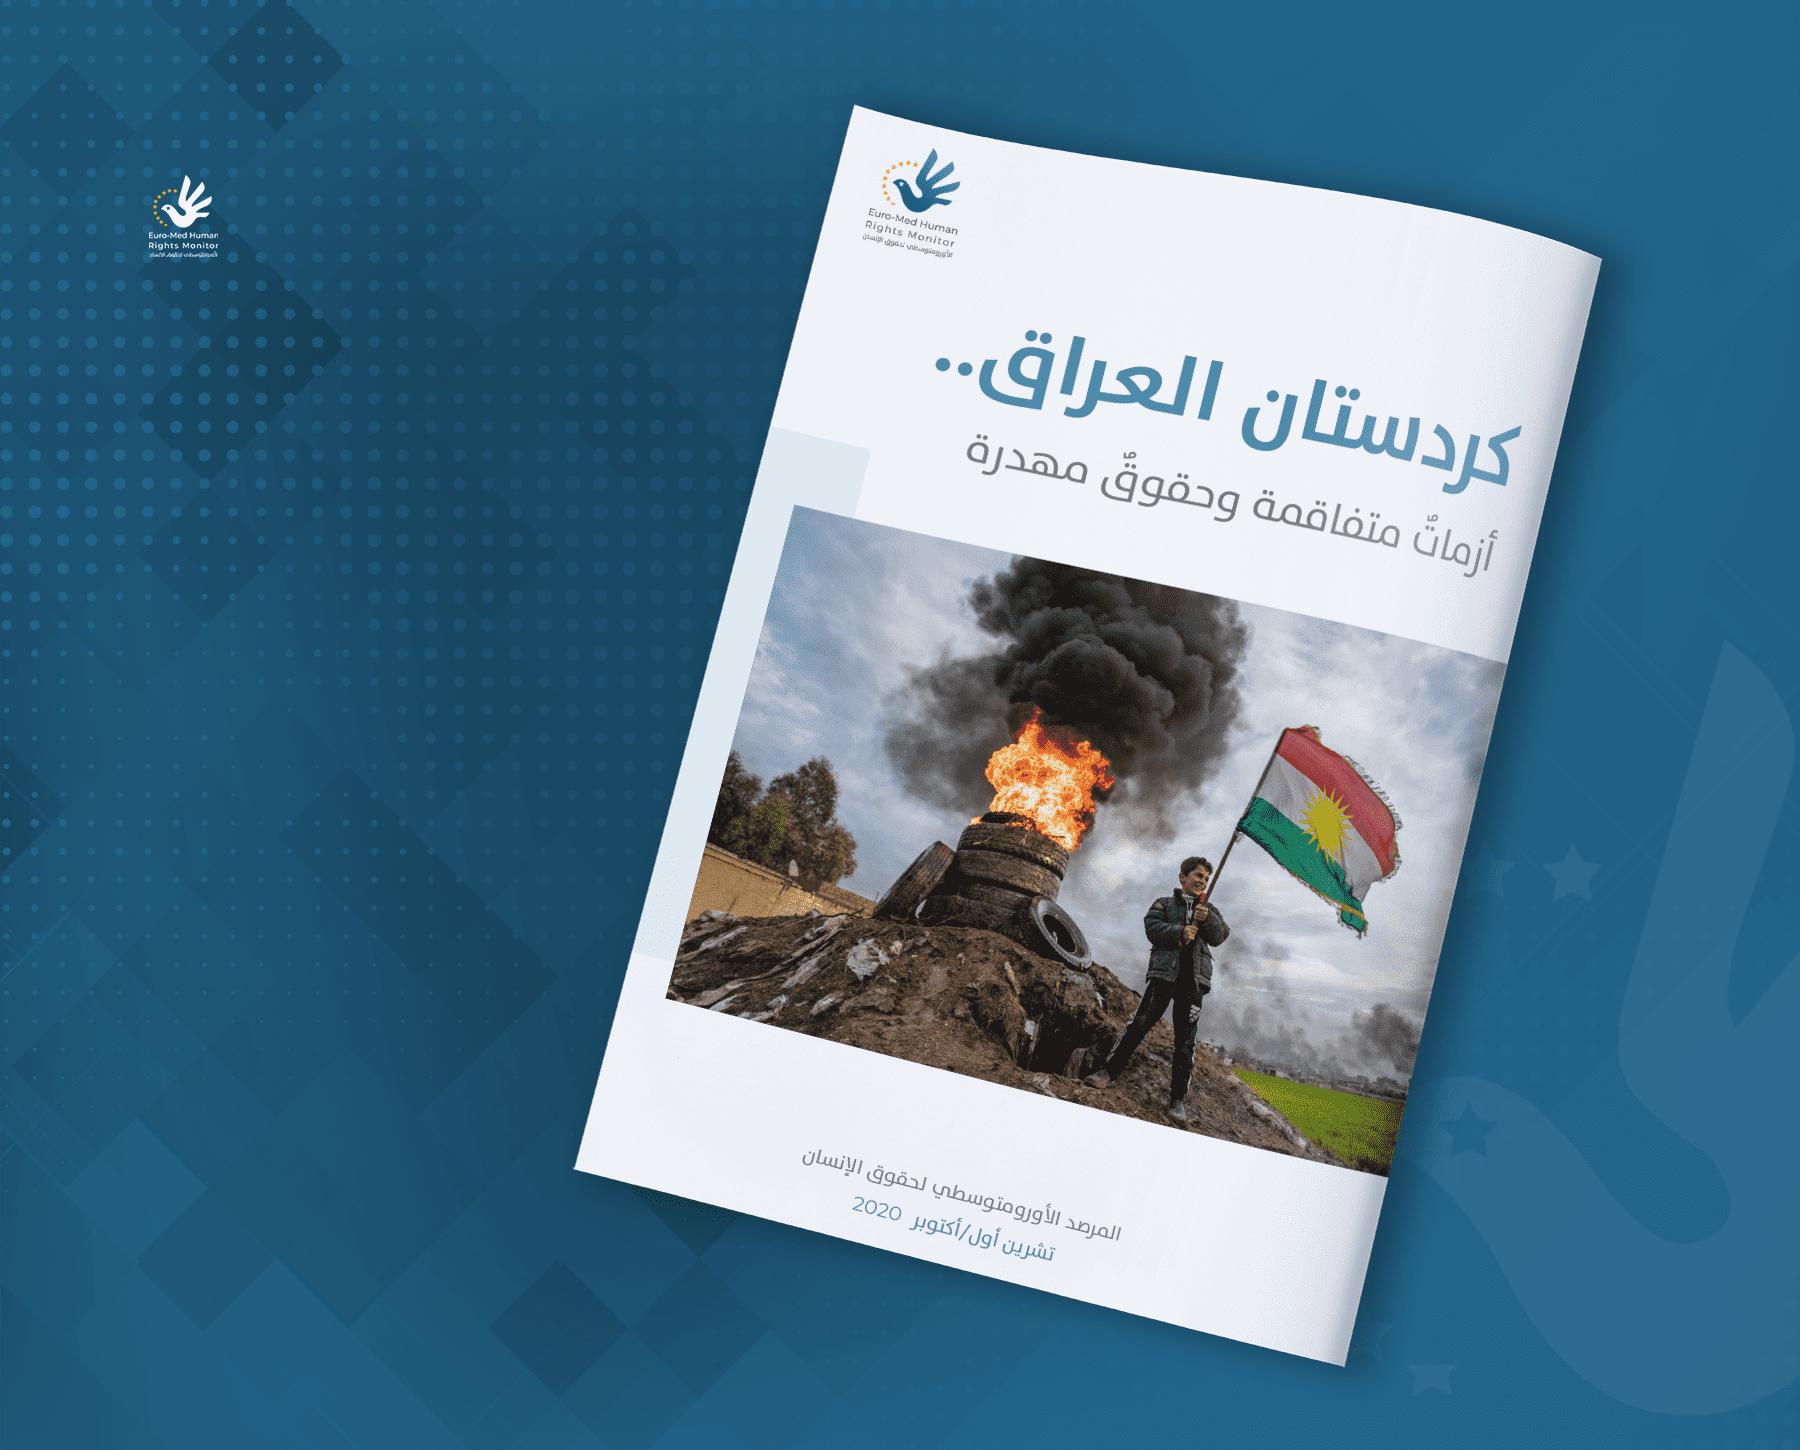 تقرير جديد: 200 معتقل خلال شهرين في التظاهرات بإقليم كردستان العراق